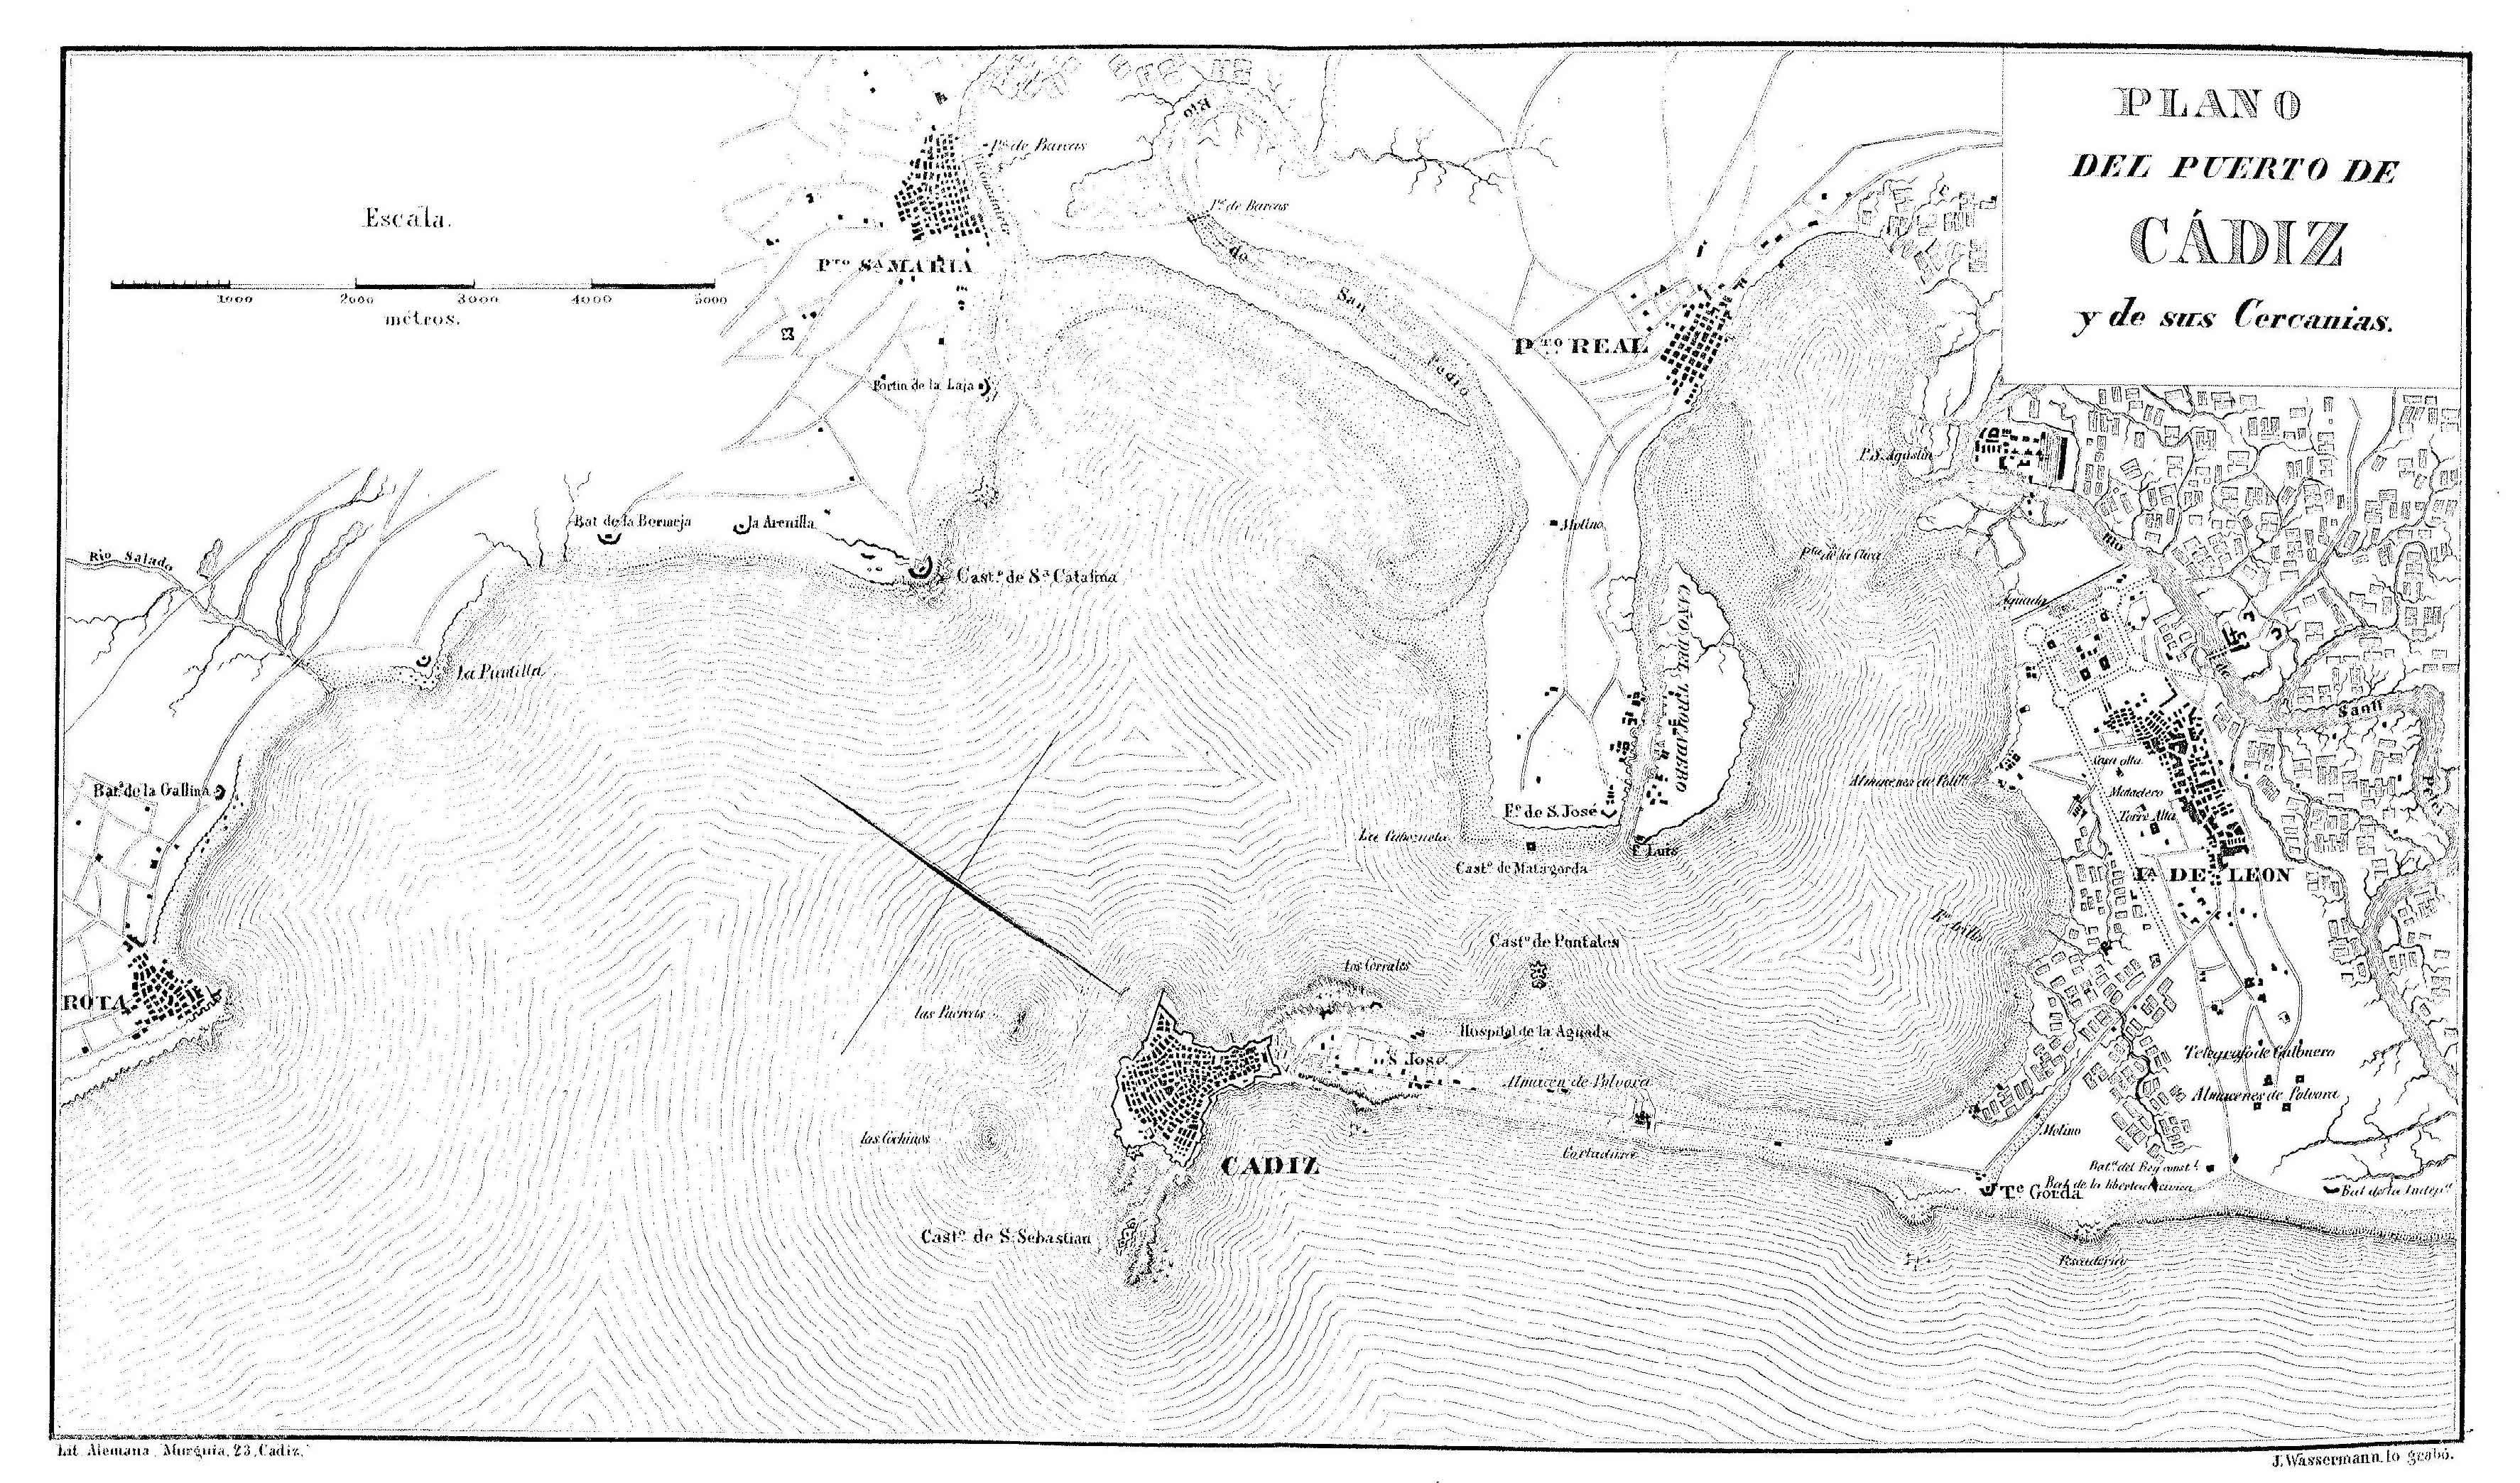 Puerto de la ciudad de Cádiz 1812